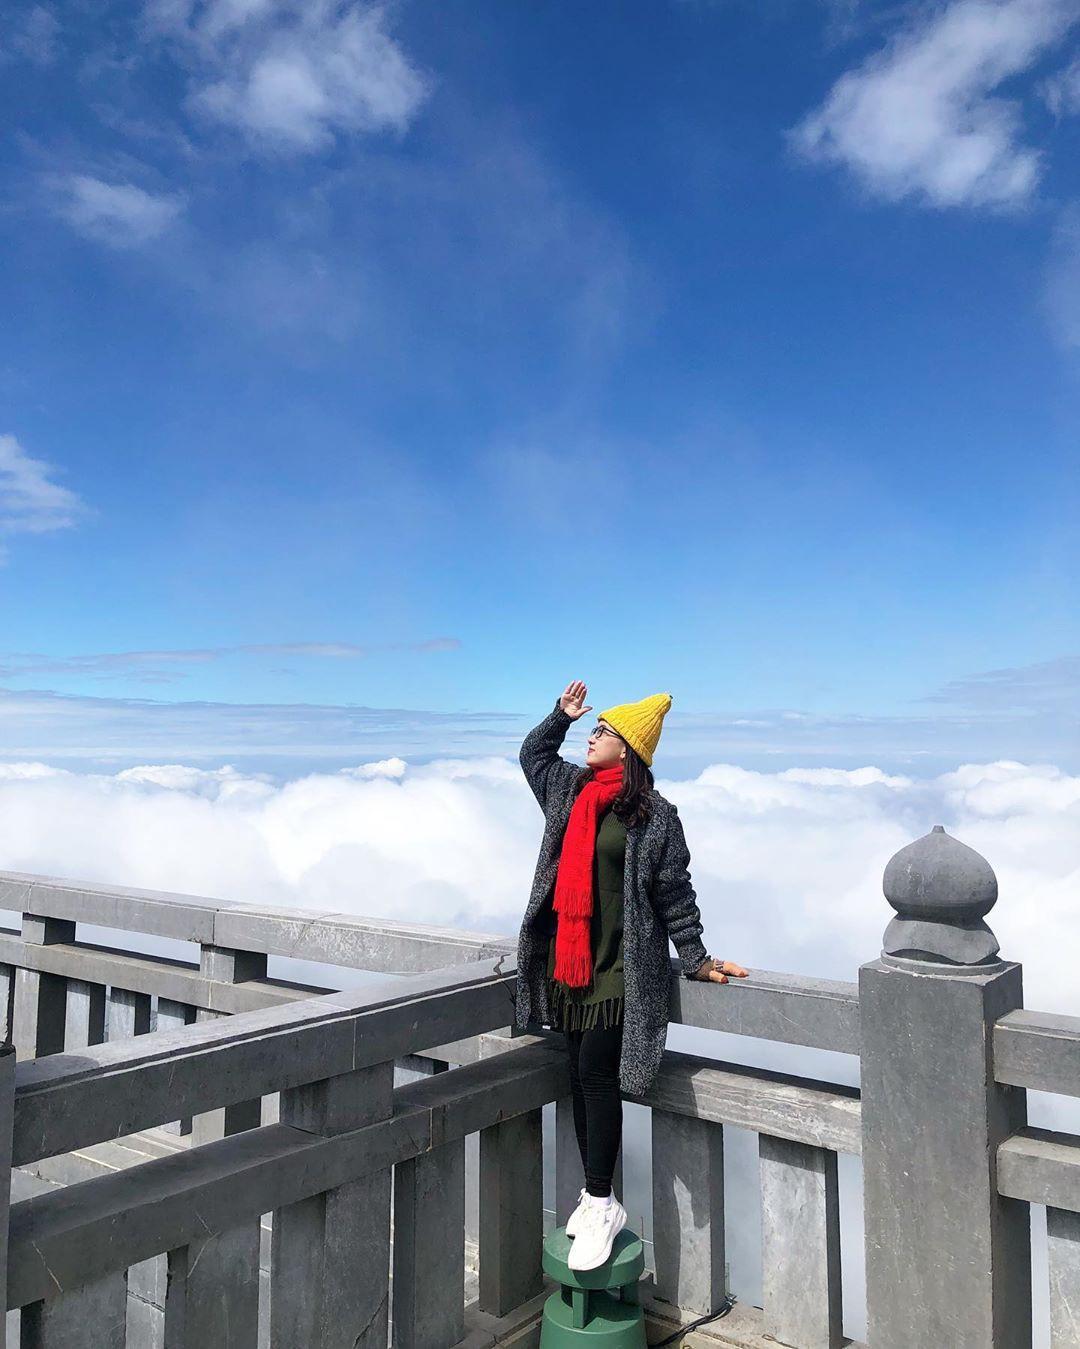 Ngỡ ngàng trước 7 điểm săn mây vạn người mê tại Sapa trong tháng 10 - Ảnh 3.